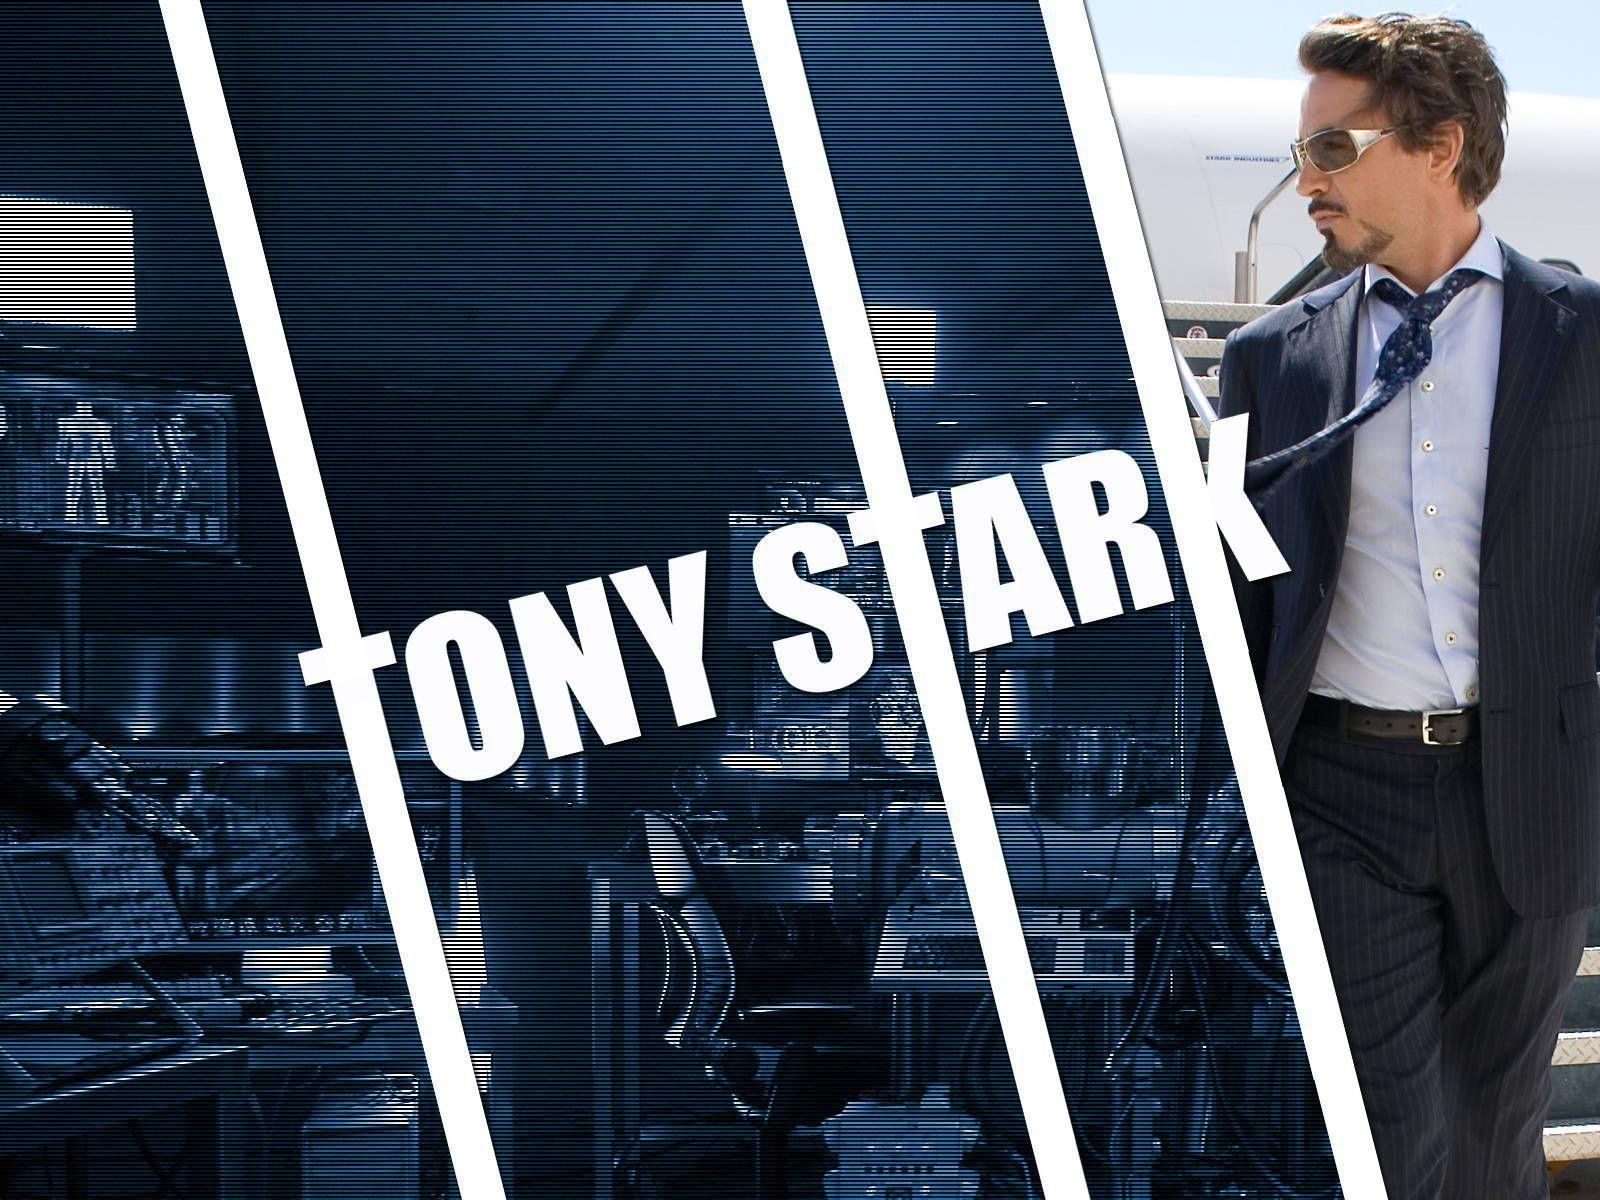 tony stark wallpaper - photo #7